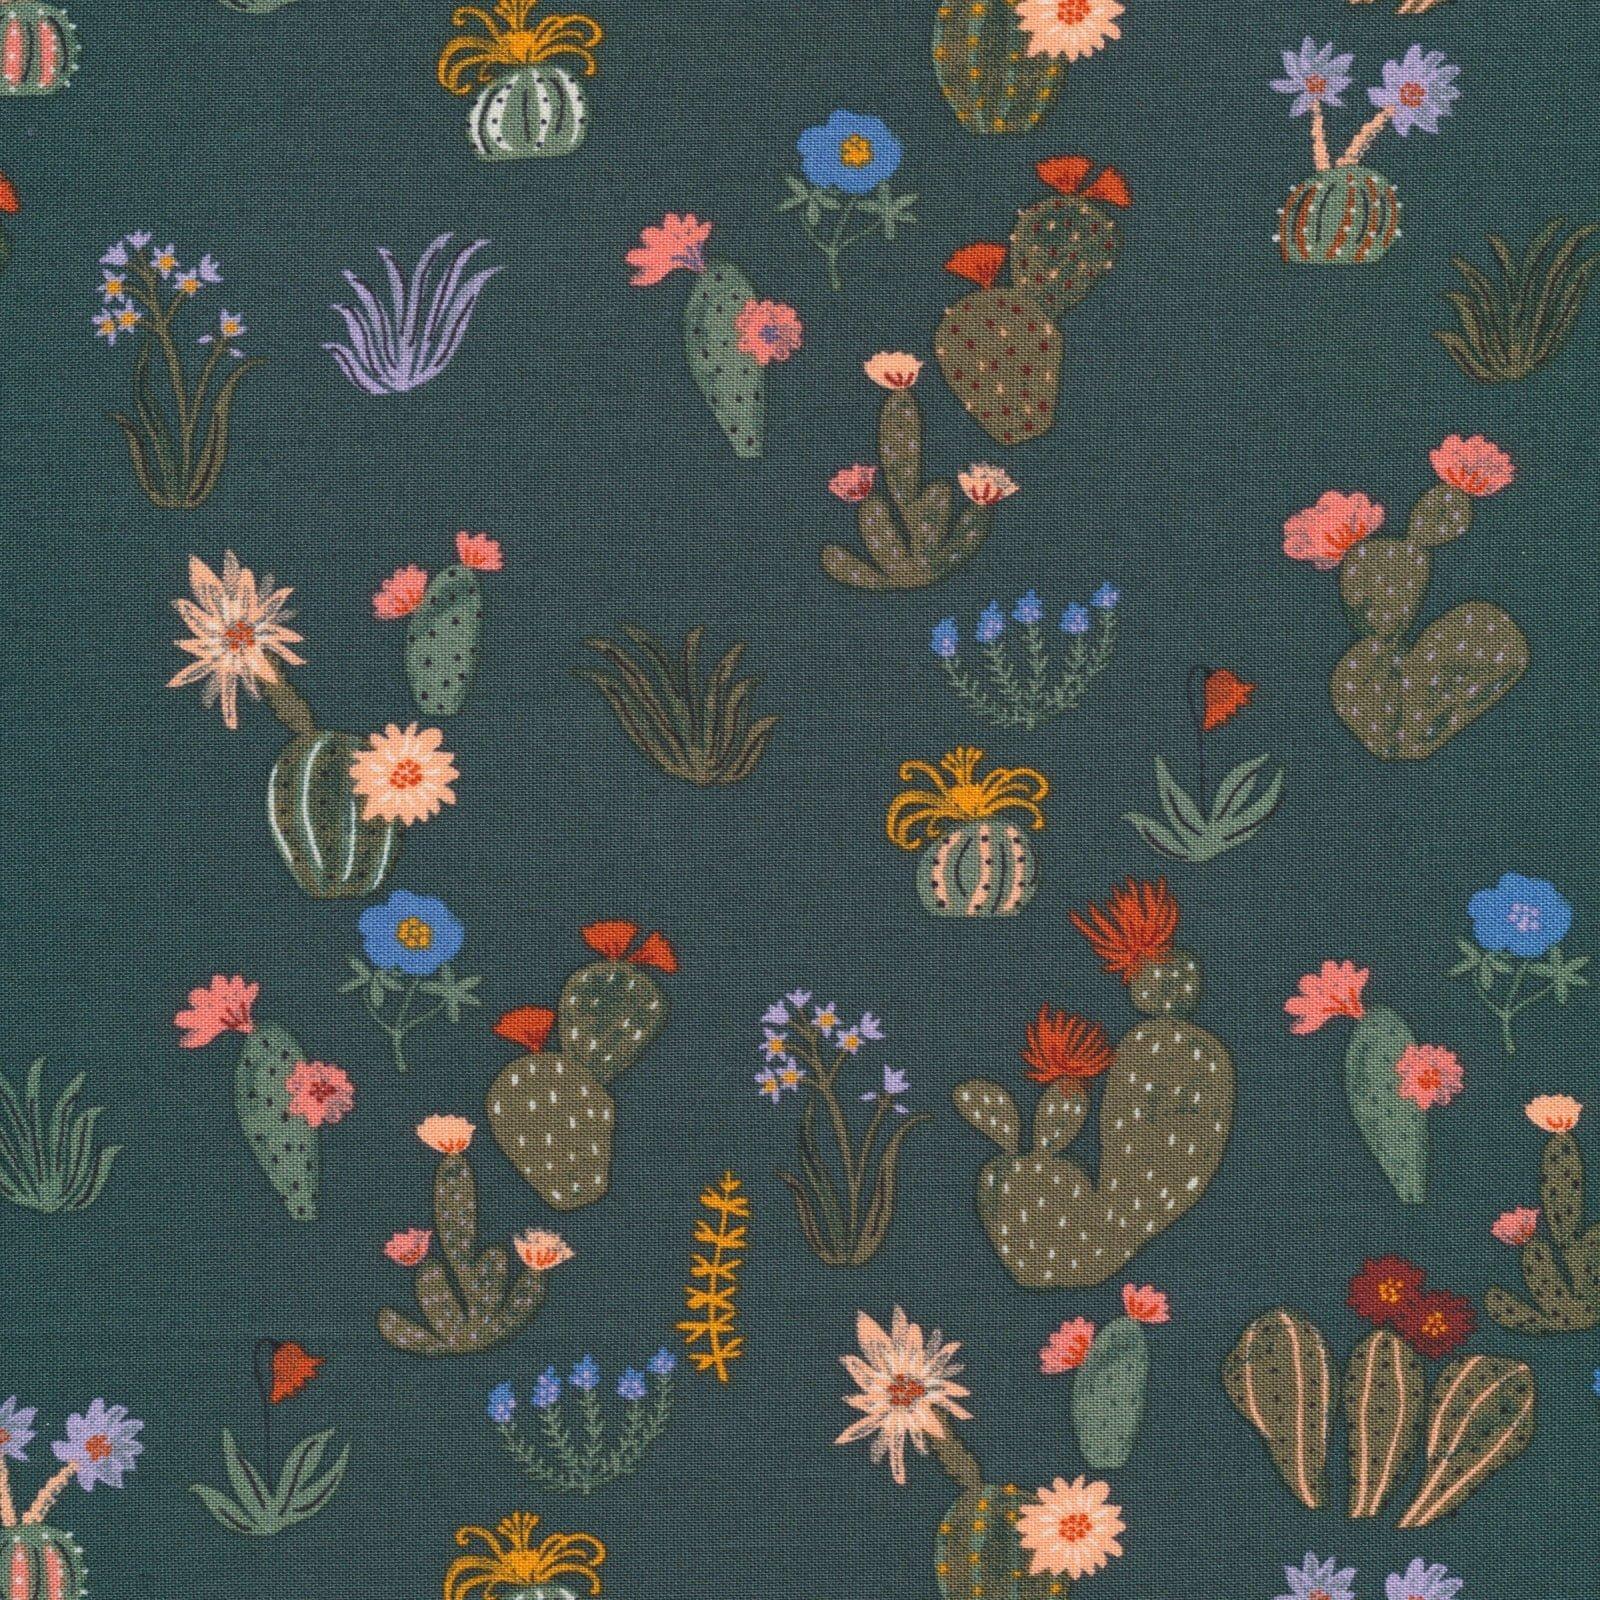 Arid Wilderness Prickly Florals